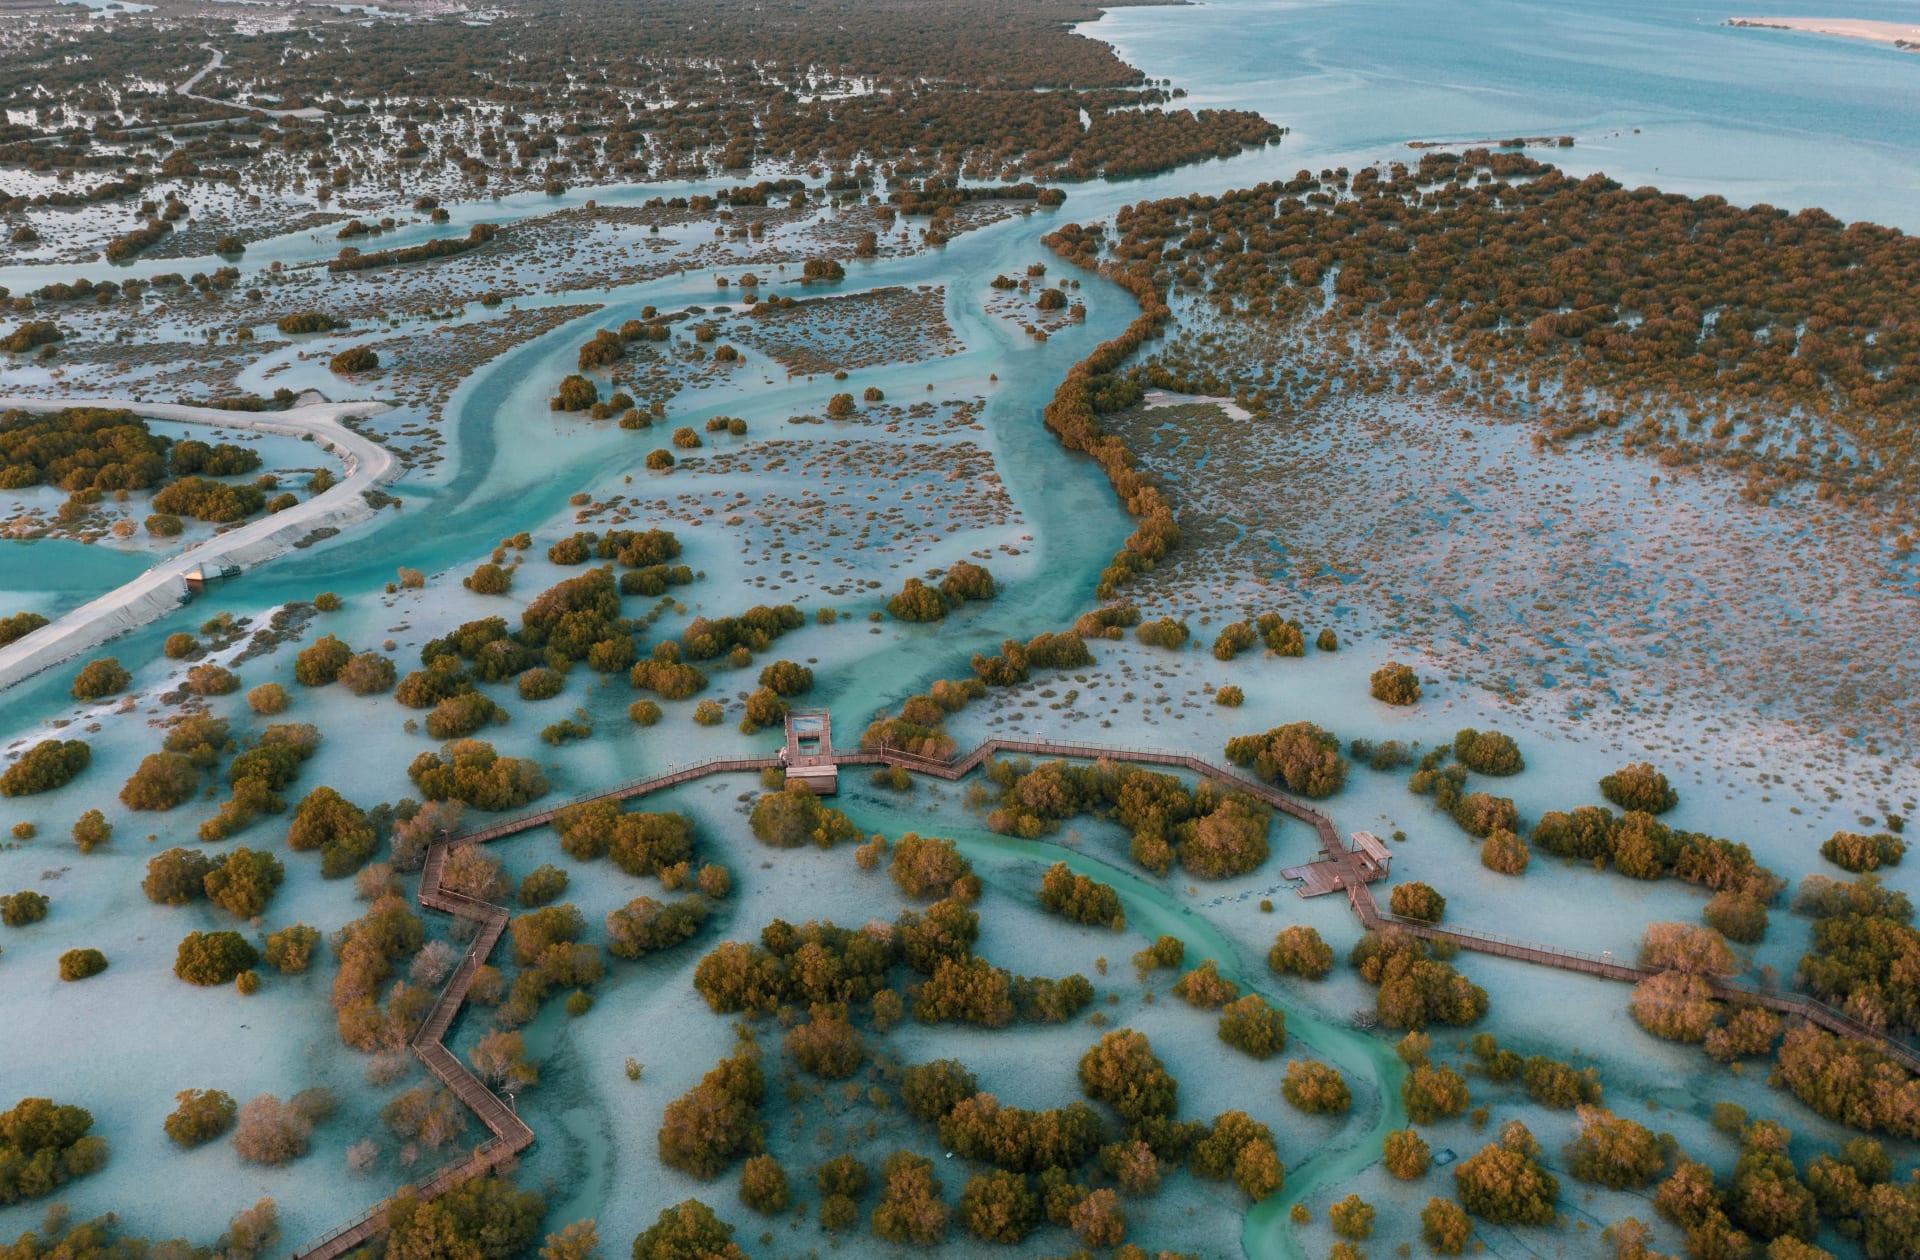 حديقة القرم في جزيرة الجبيل في أبوظبي